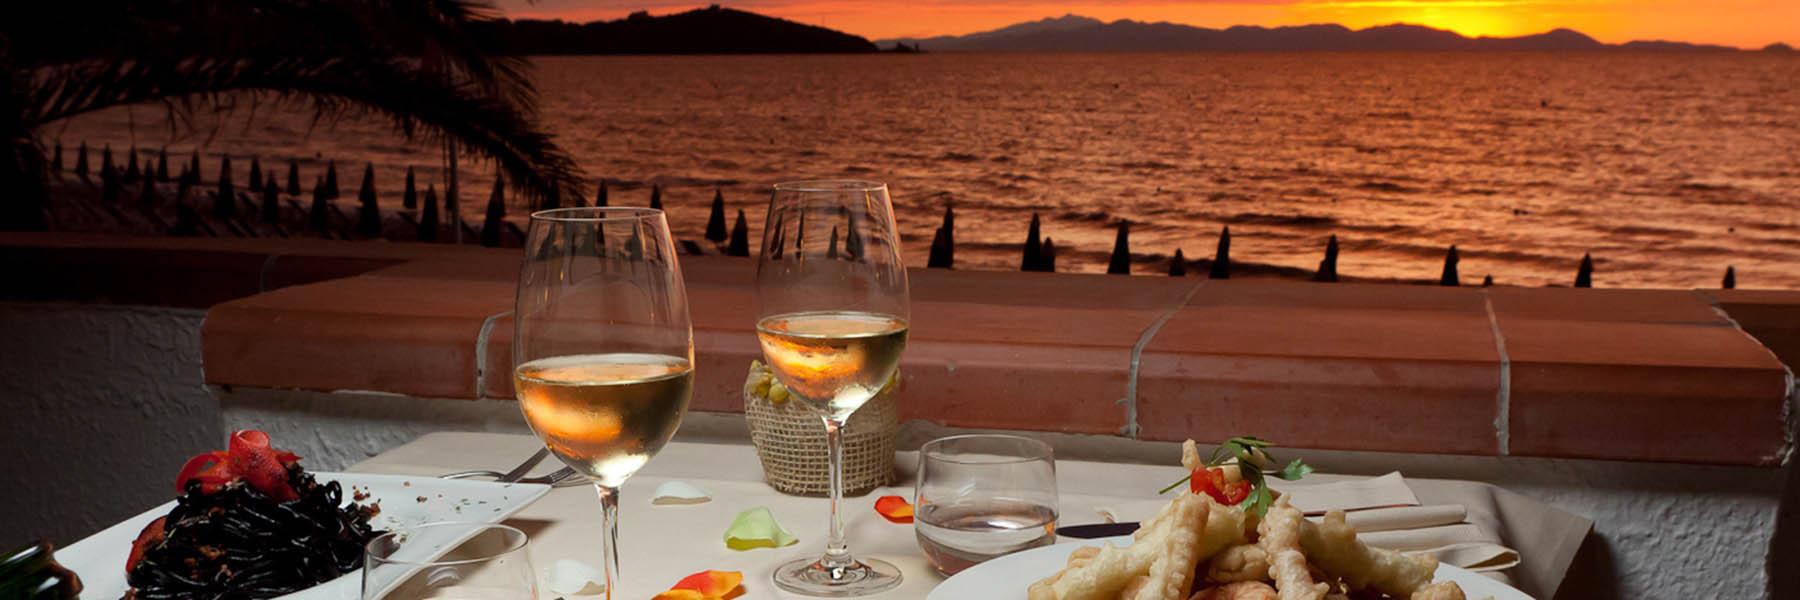 Romantisches Abendessen am Meer - für Sie reserviert von Italia Golf Tours